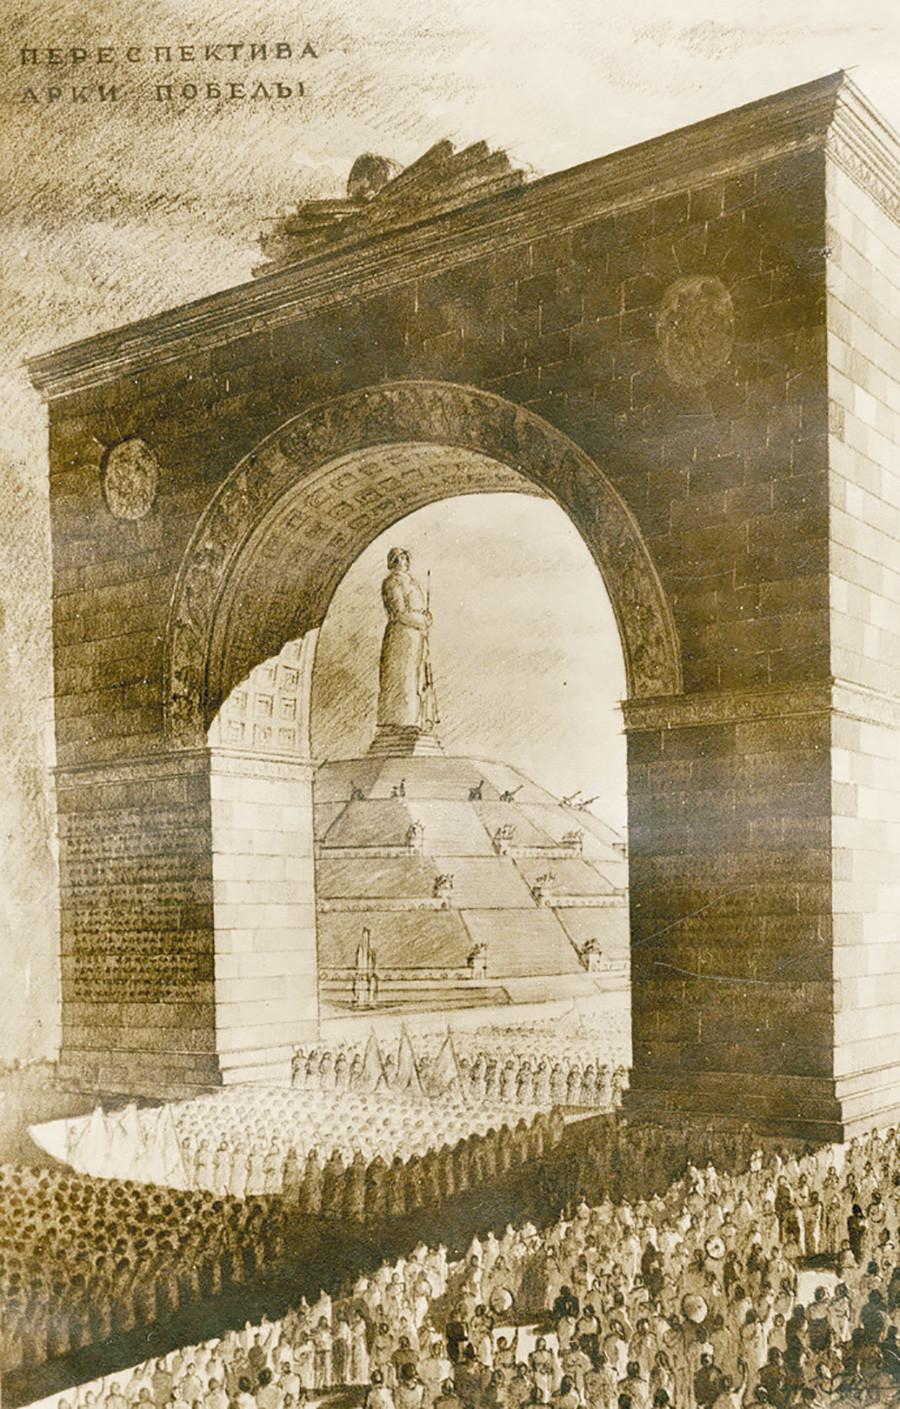 Скици и план на мащабния Паметник на Победата от Геворк Мушегян